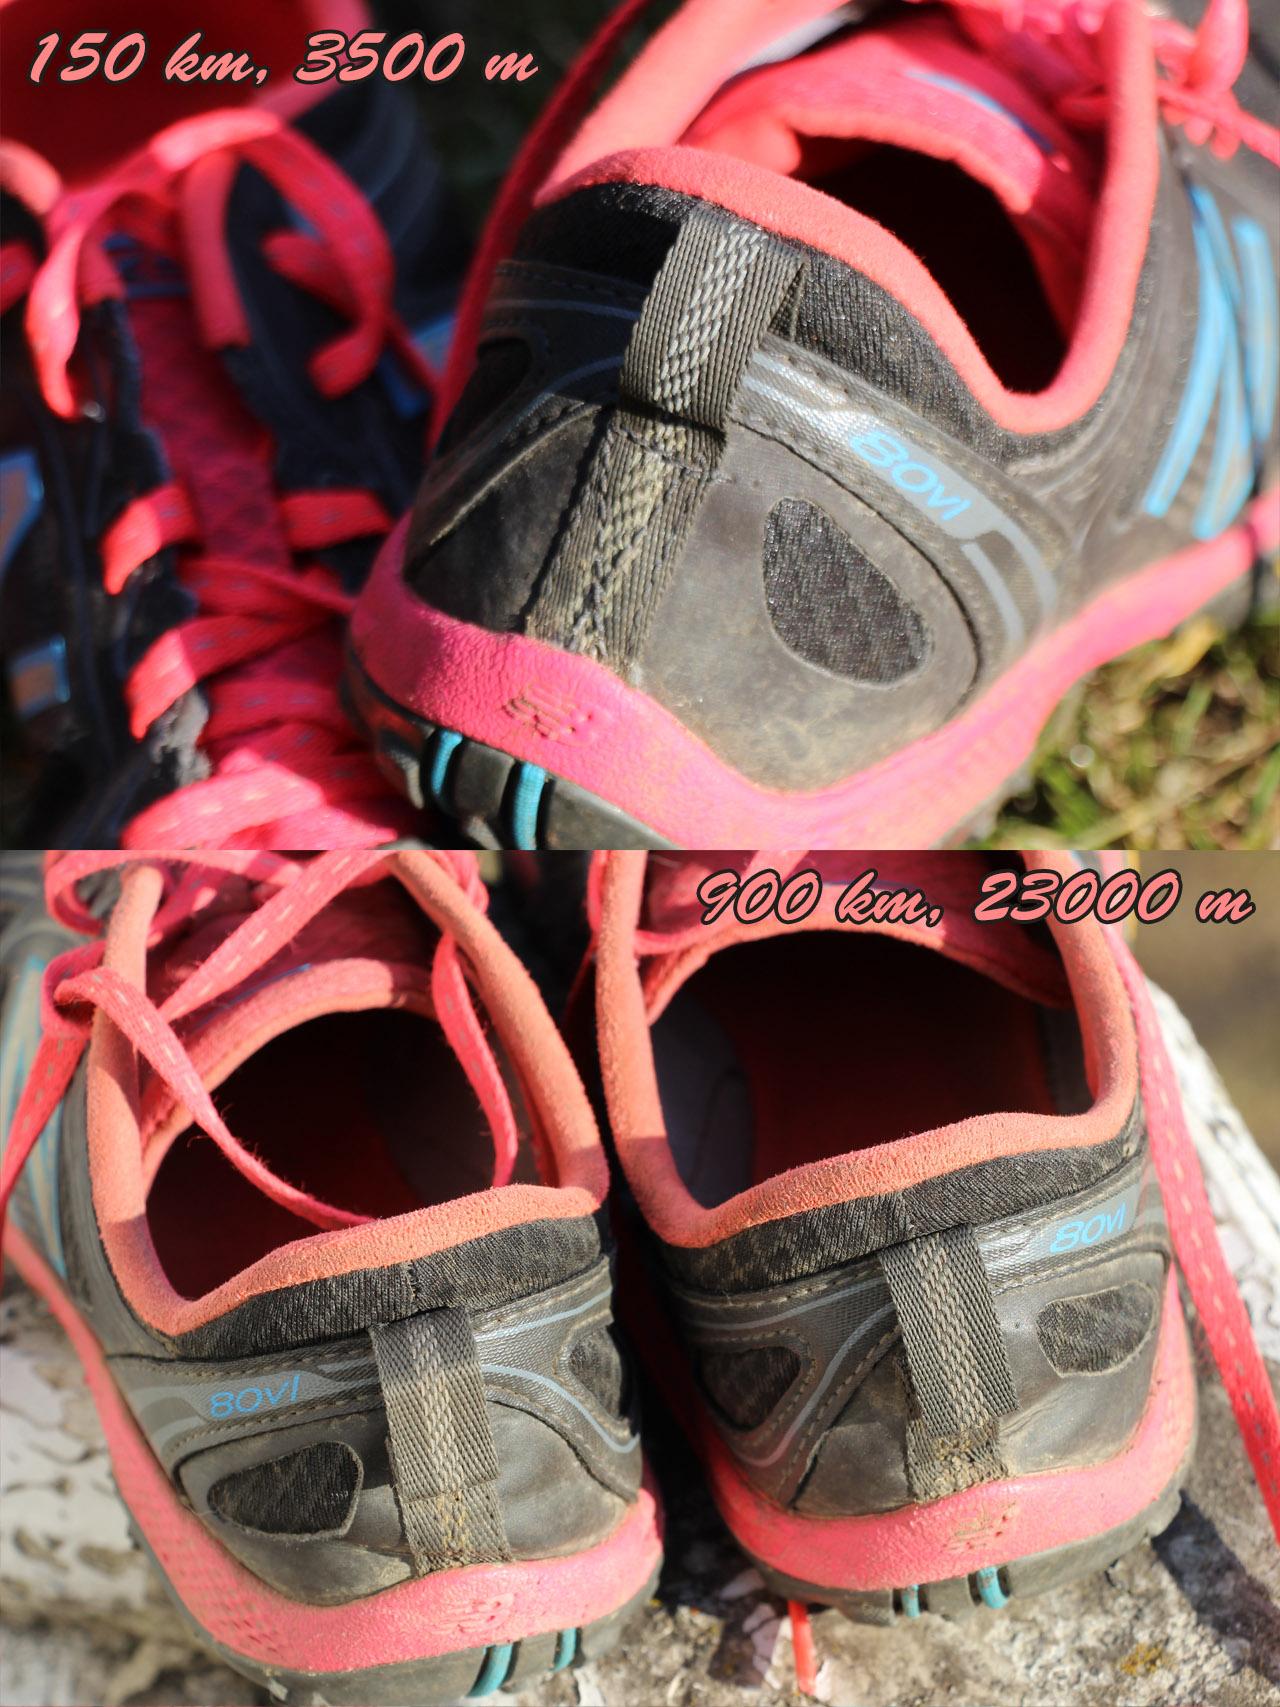 opotrebovanie zadnej časti topánok